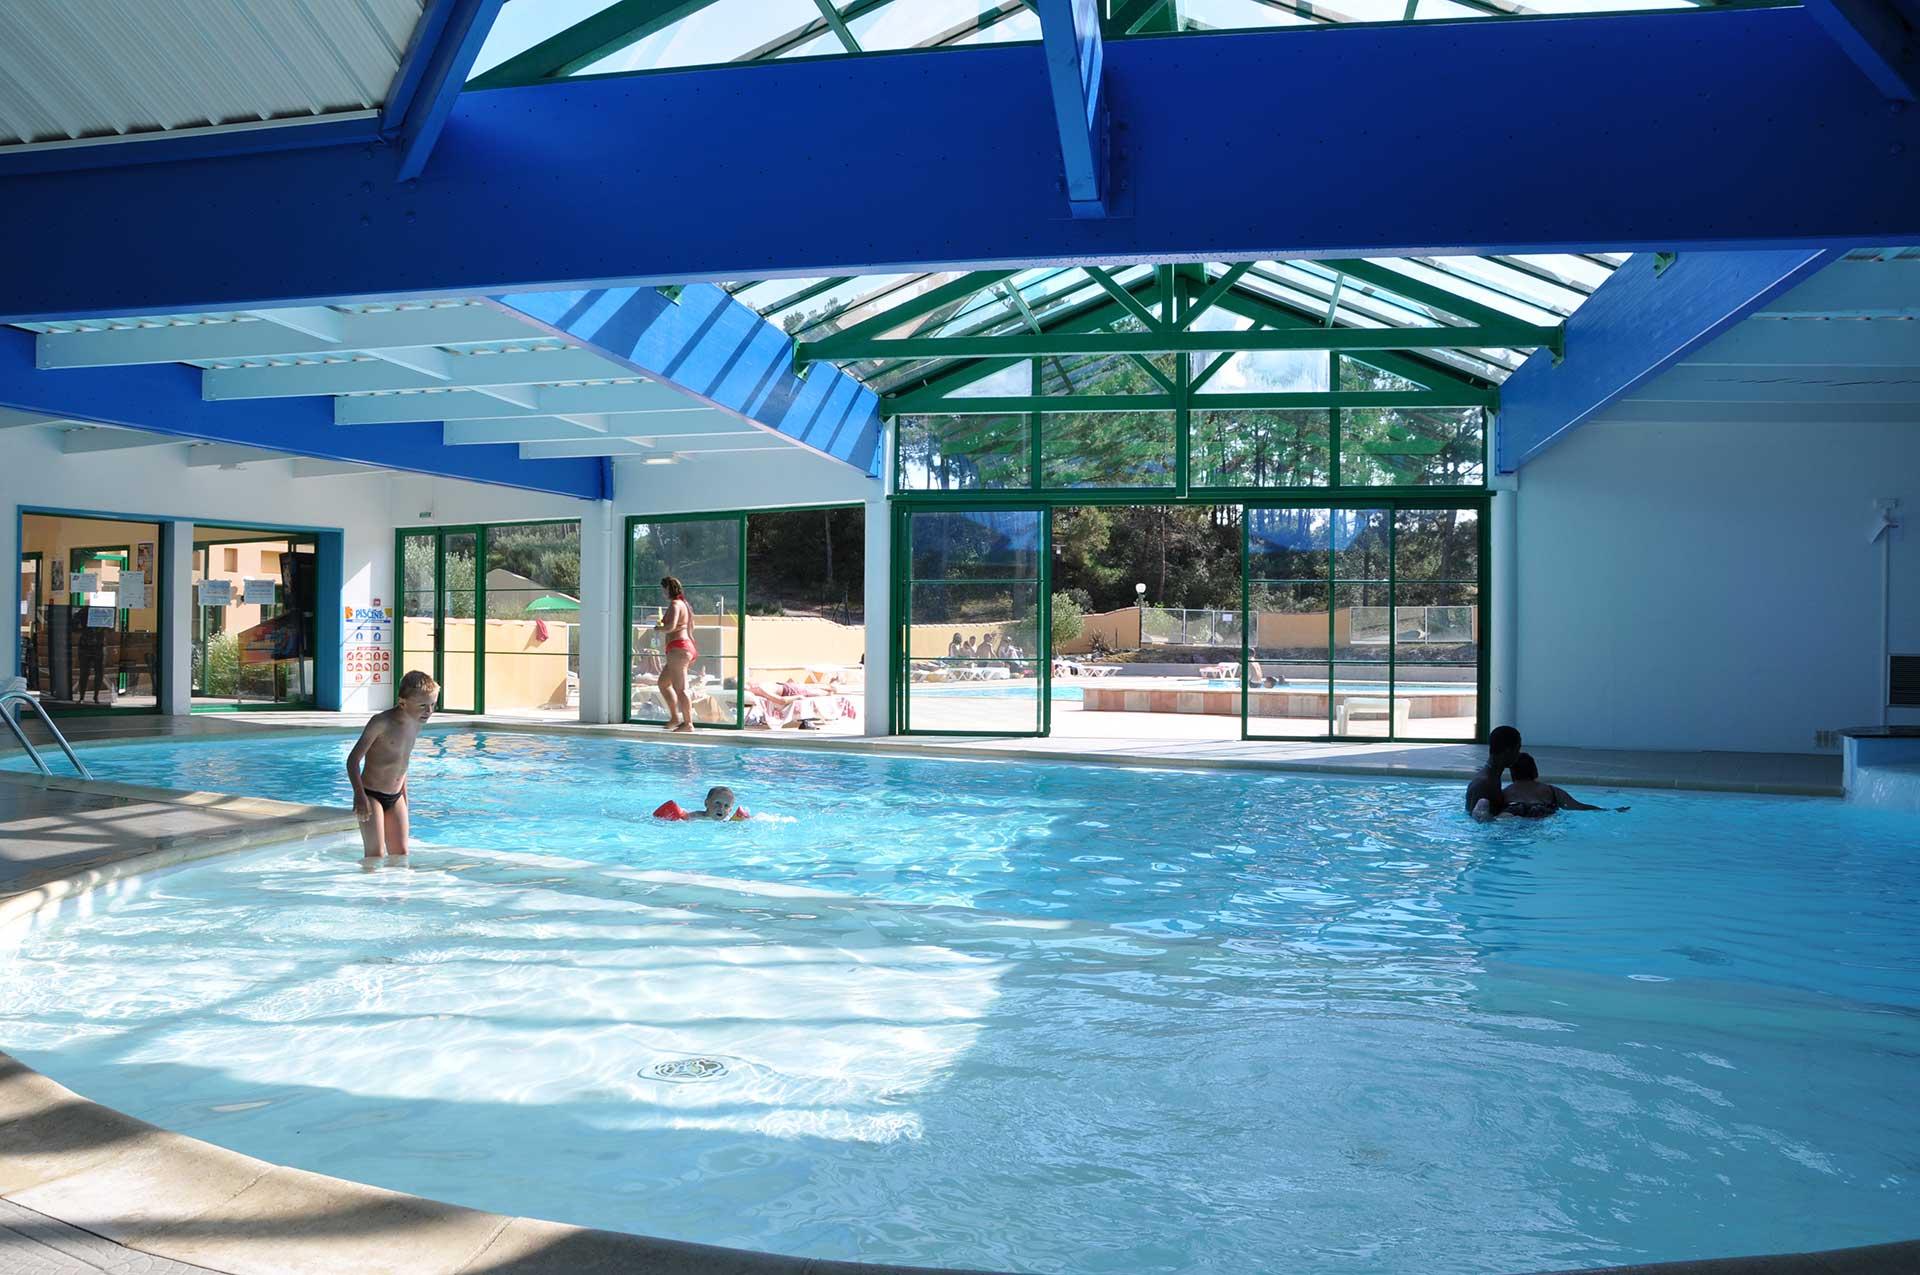 Camping piscine couverte st hilaire de riez